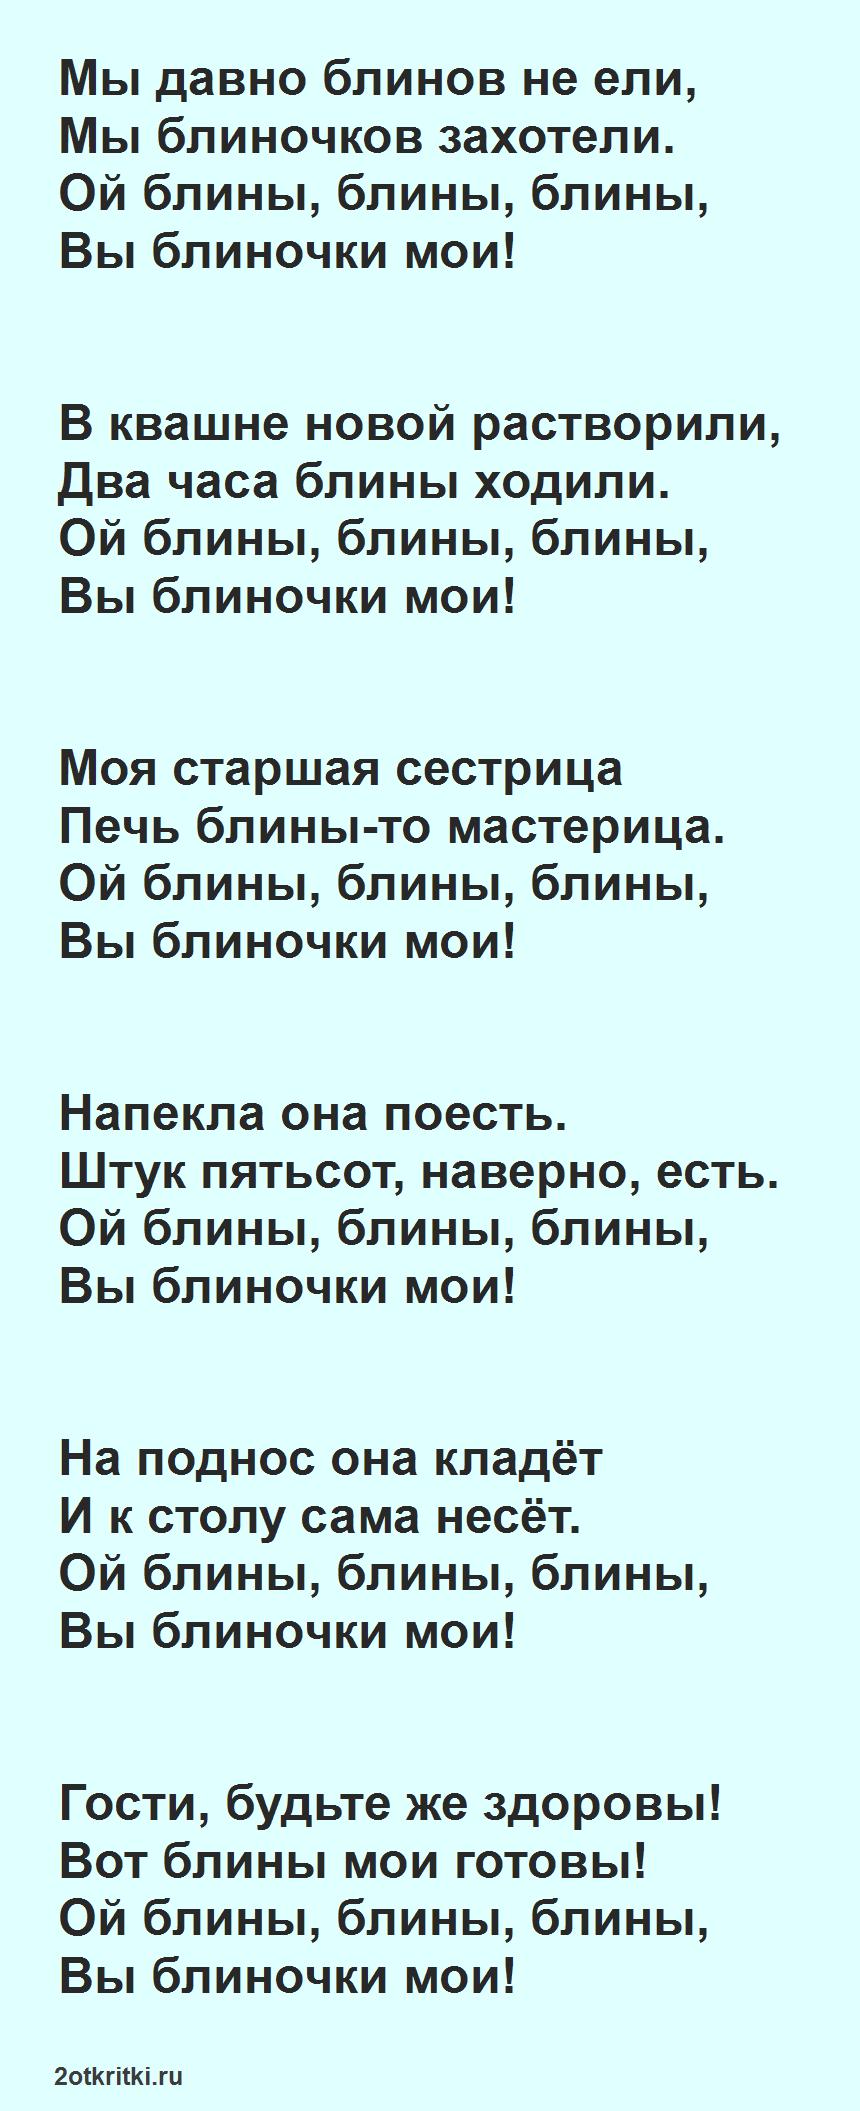 Народные песни масленица - Блины